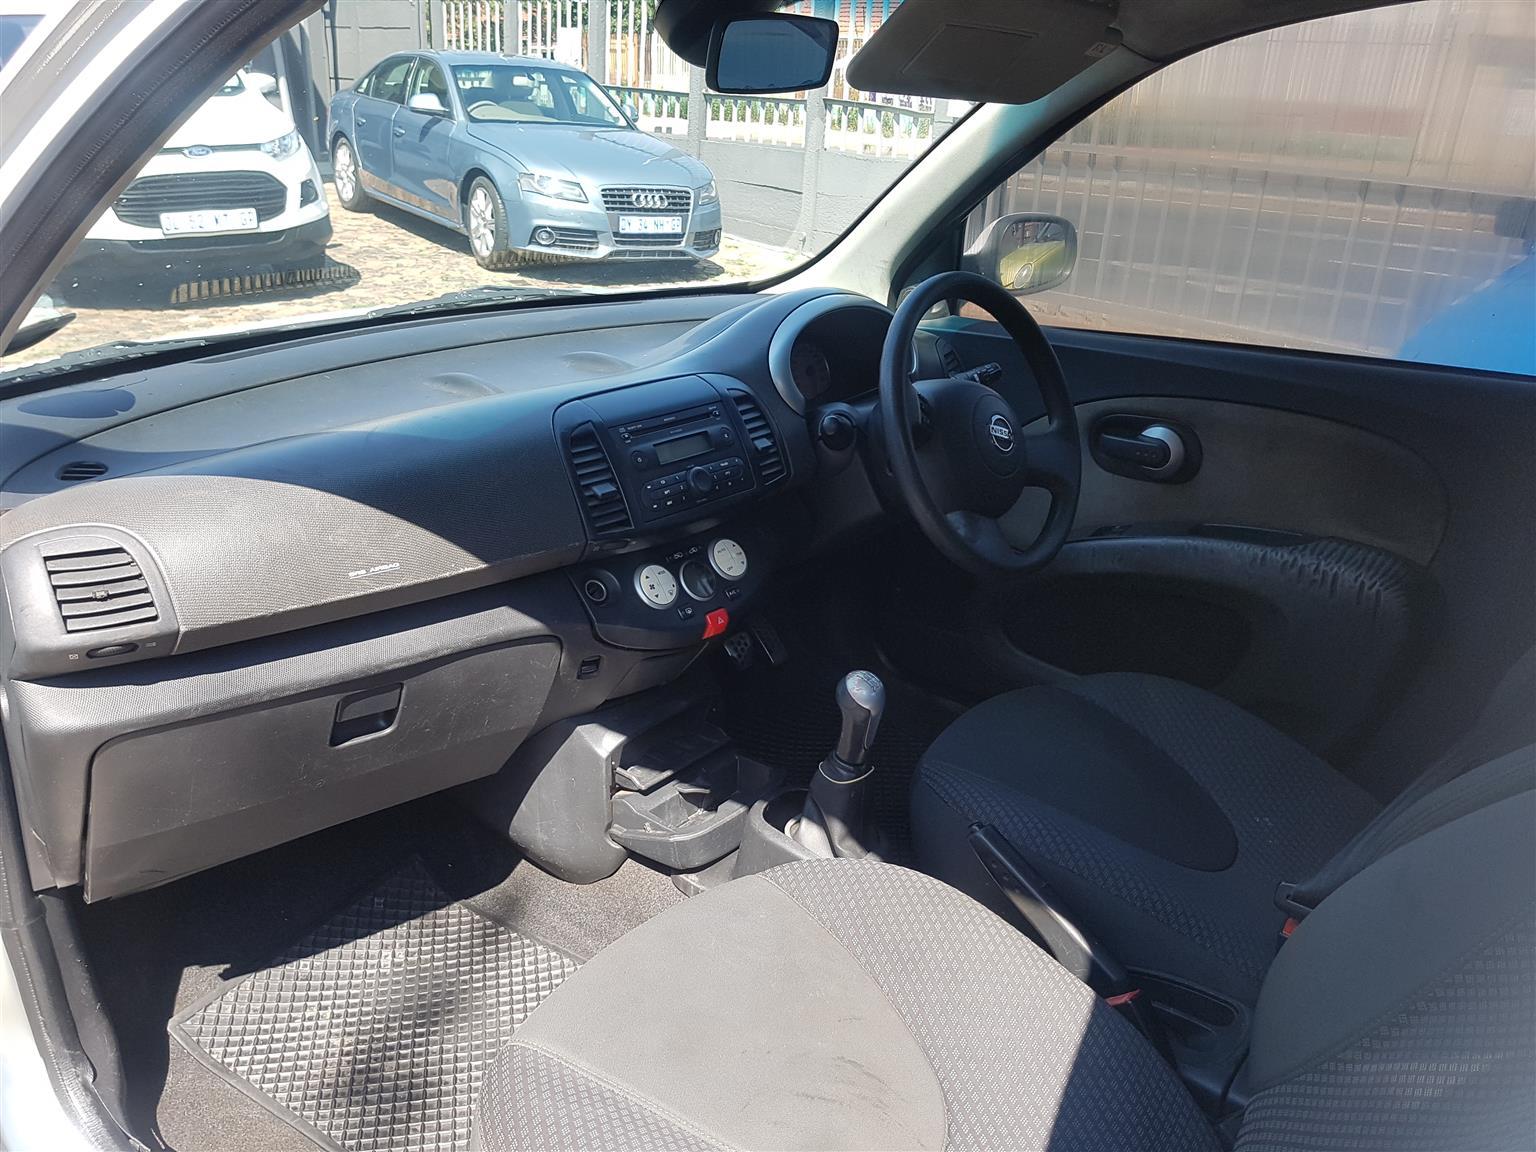 2005 Nissan Micra 1.5dCi 3 door Tekna